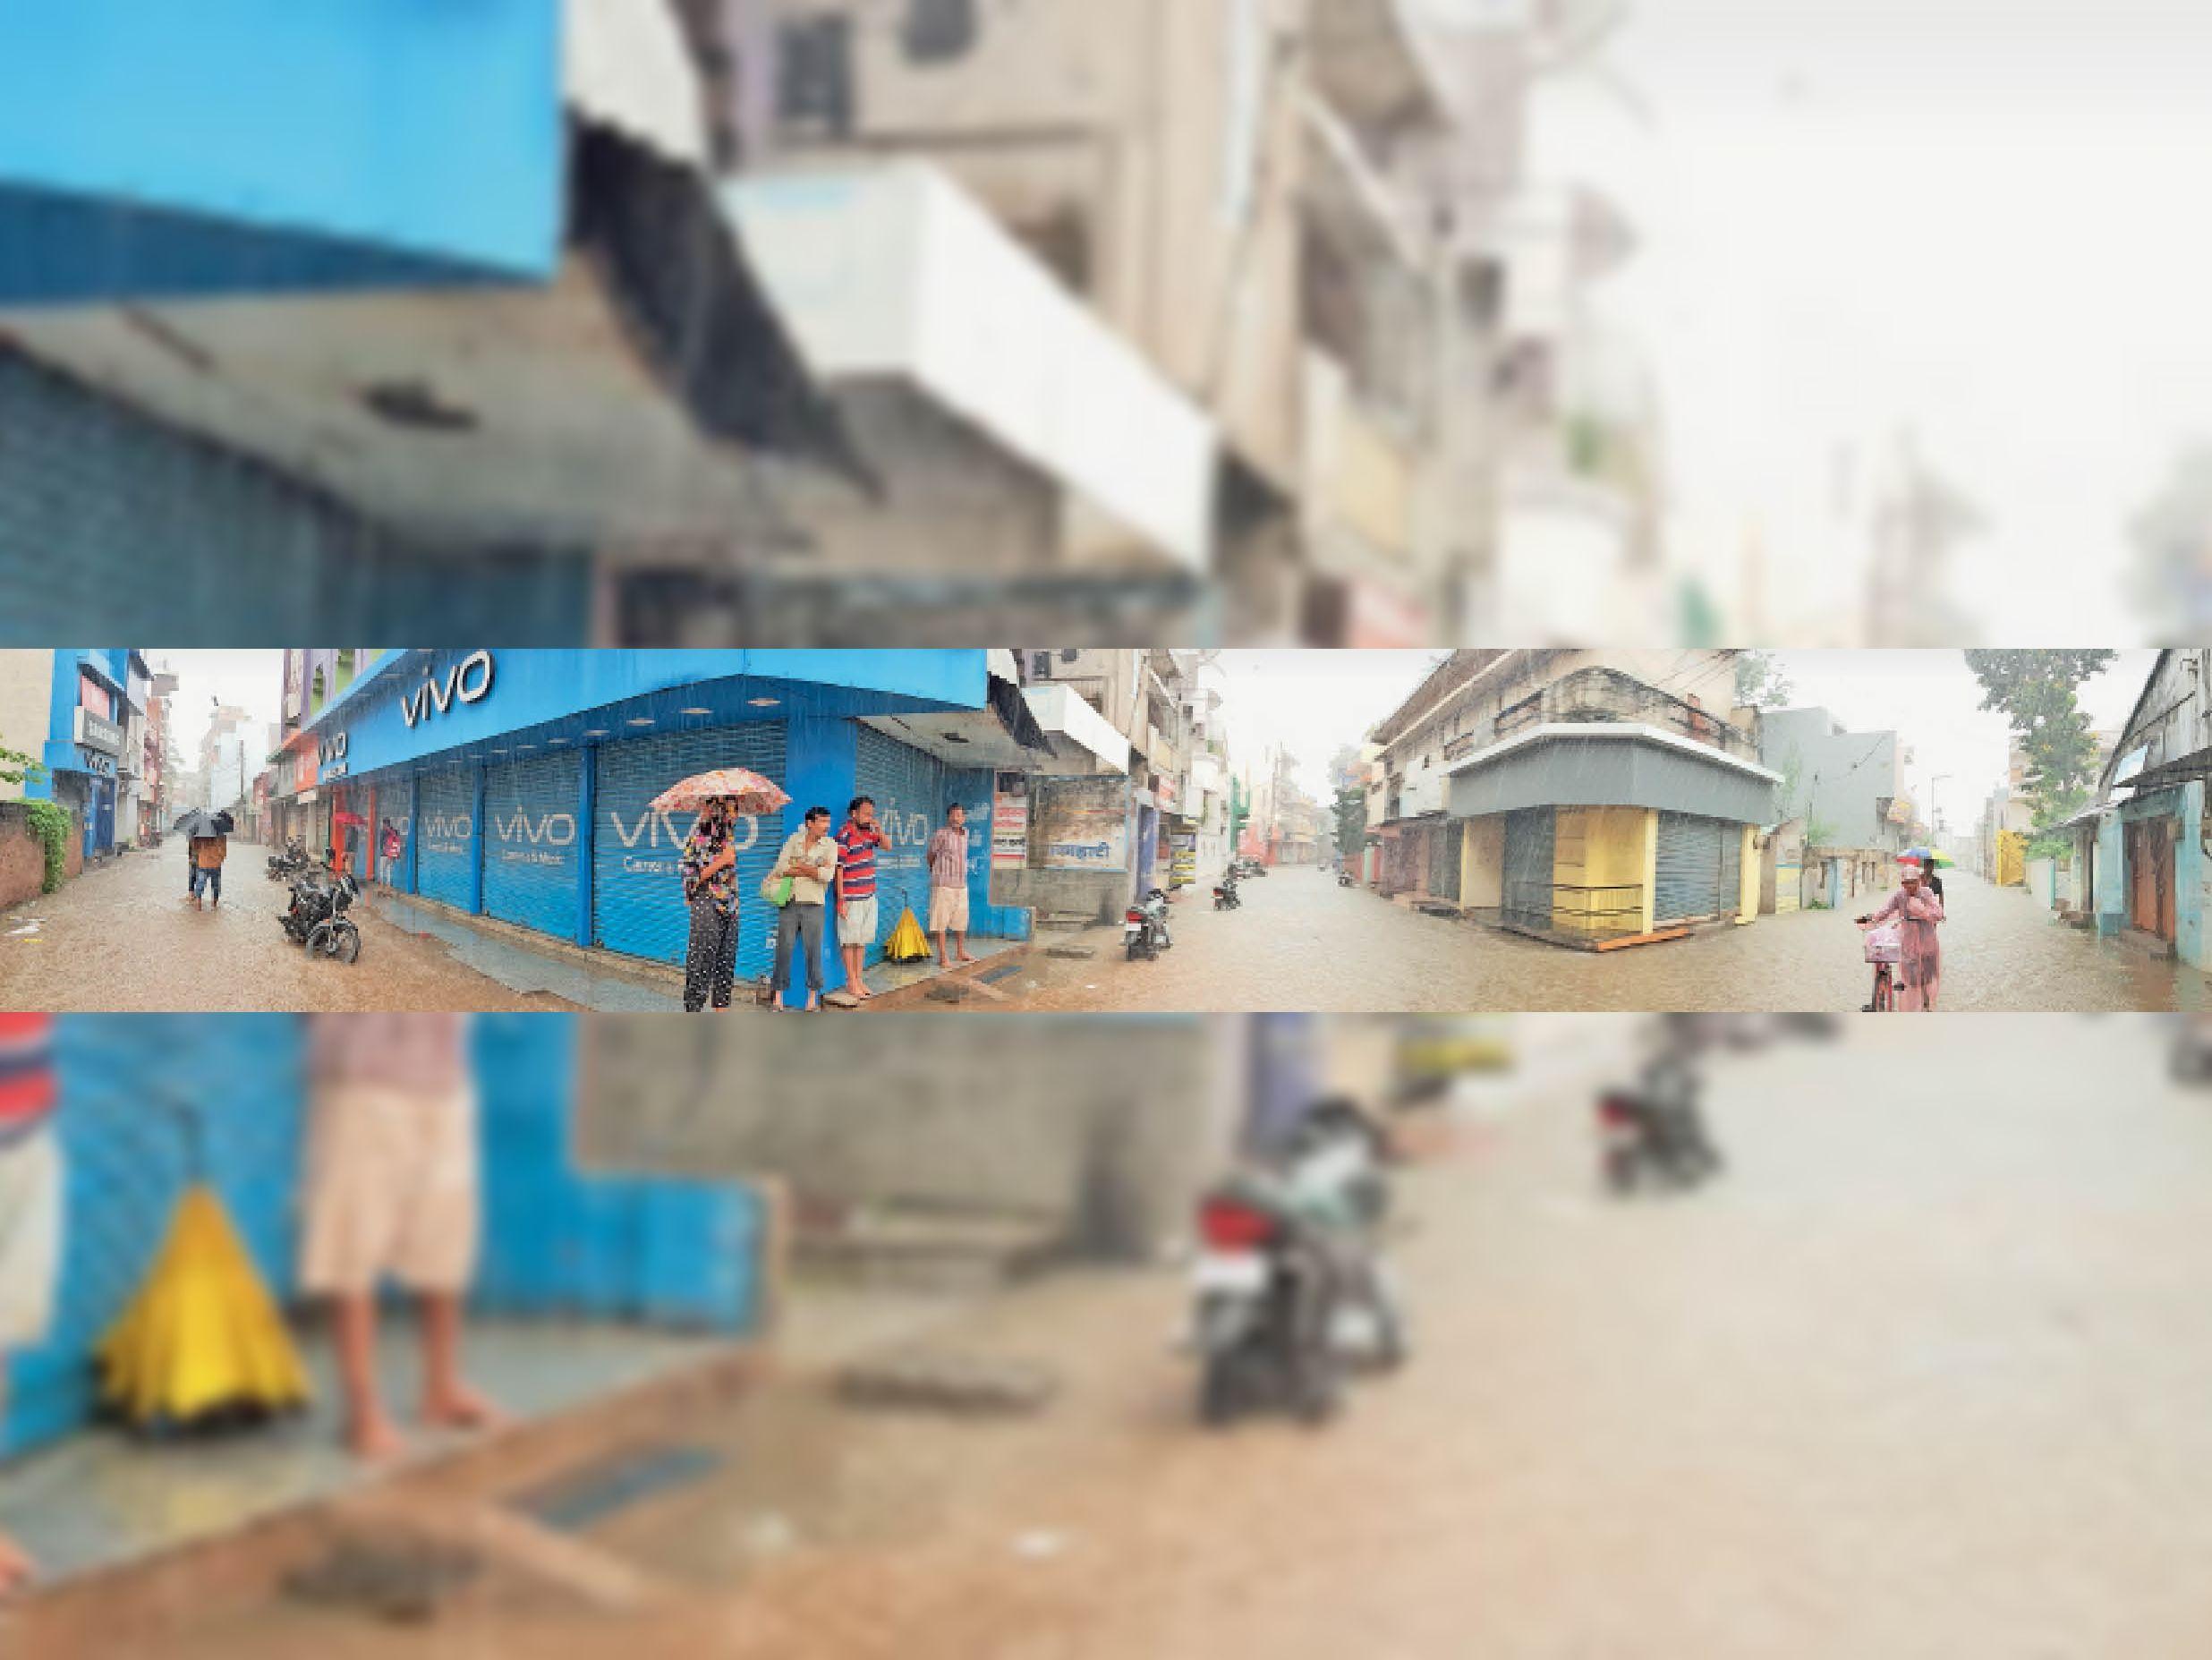 यह तस्वीर मंगलवार सुबह 10.30 बजे खींची गई है जो 3 वार्डों को जोड़ने वाले बनियापारा चौक की है। भारी बारिश से व्यापारियों ने दुकानें नहीं खोली। सड़कों पर पानी भरा रहा। कुछ लोग छाते लेकर जाते दिखे तो कुछ बारिश से बचने के लिए दुकानों में खड़े रहे।  फोटो: अजय देवांगन - Dainik Bhaskar